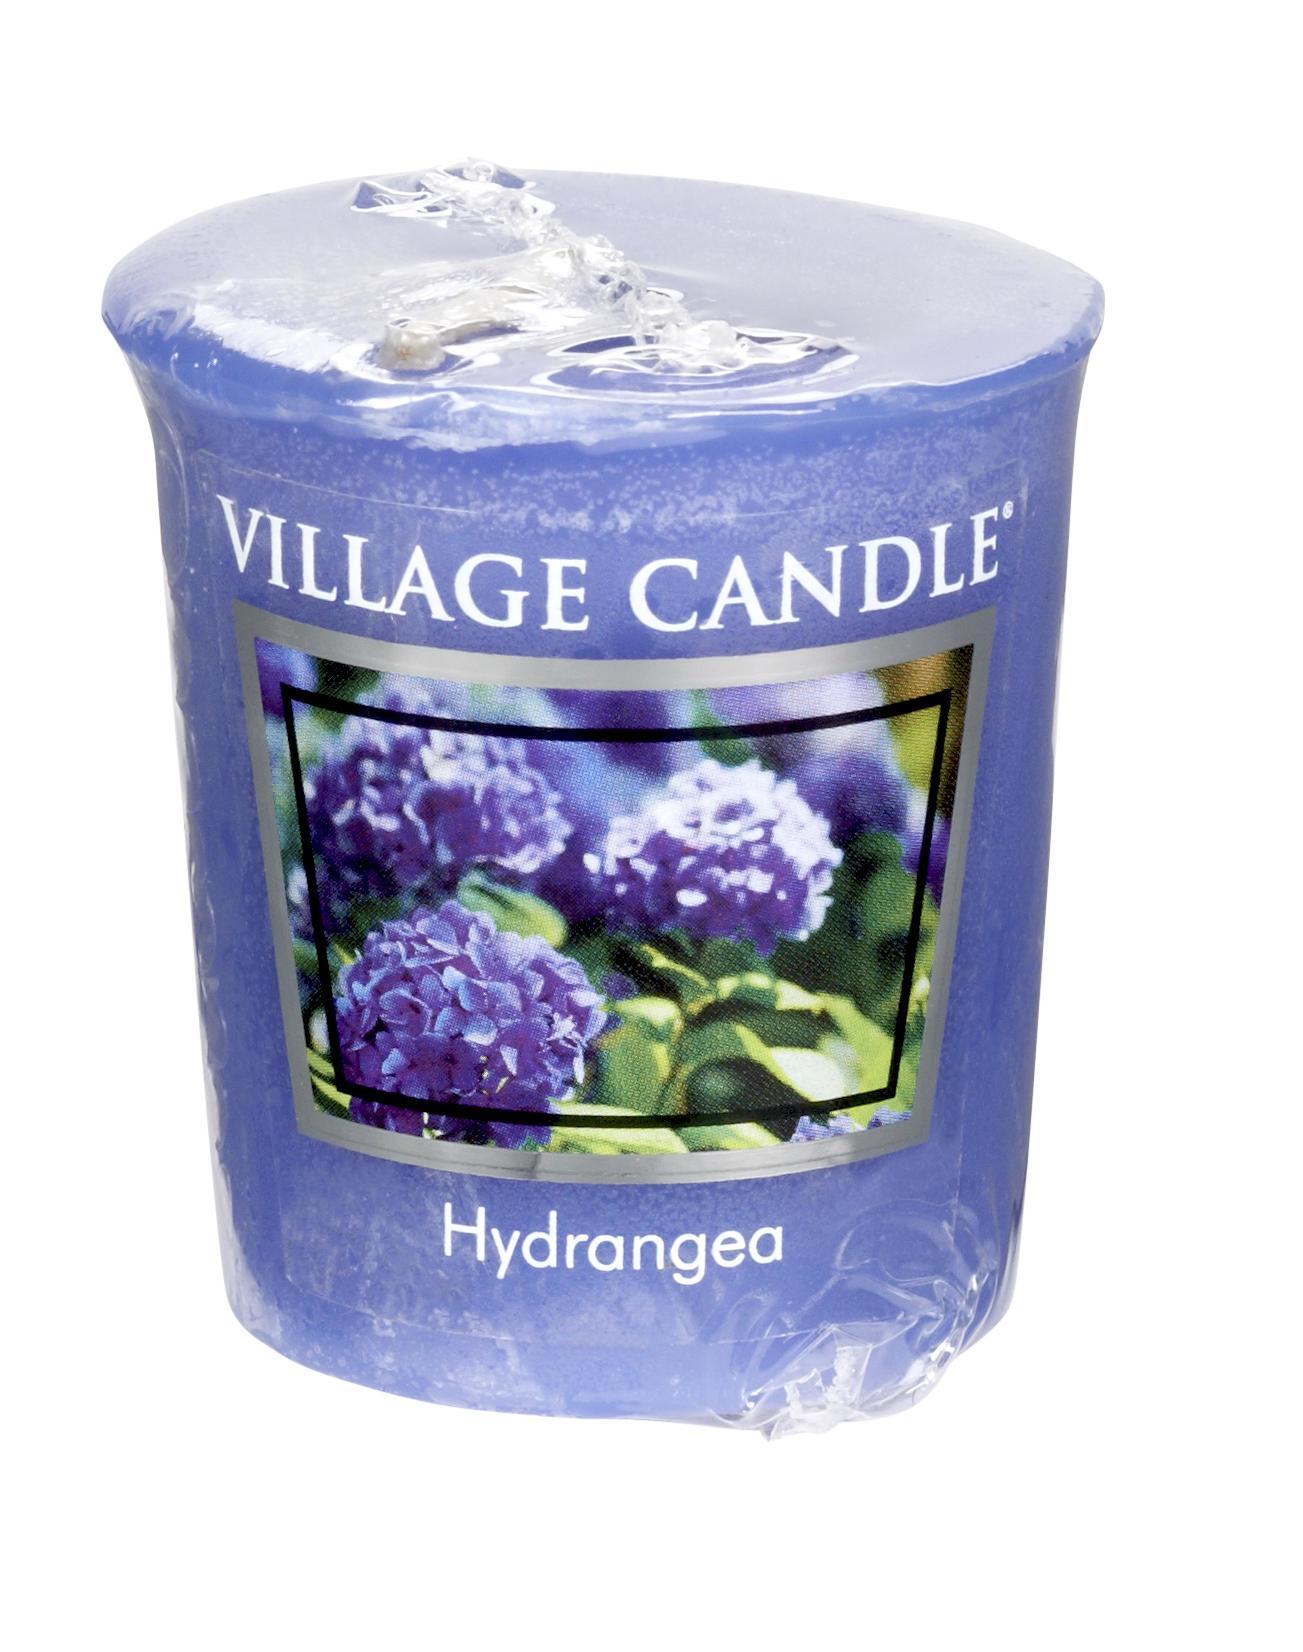 VILLAGE CANDLE Votivní svíčka Village Candle - Hydrangea, modrá barva